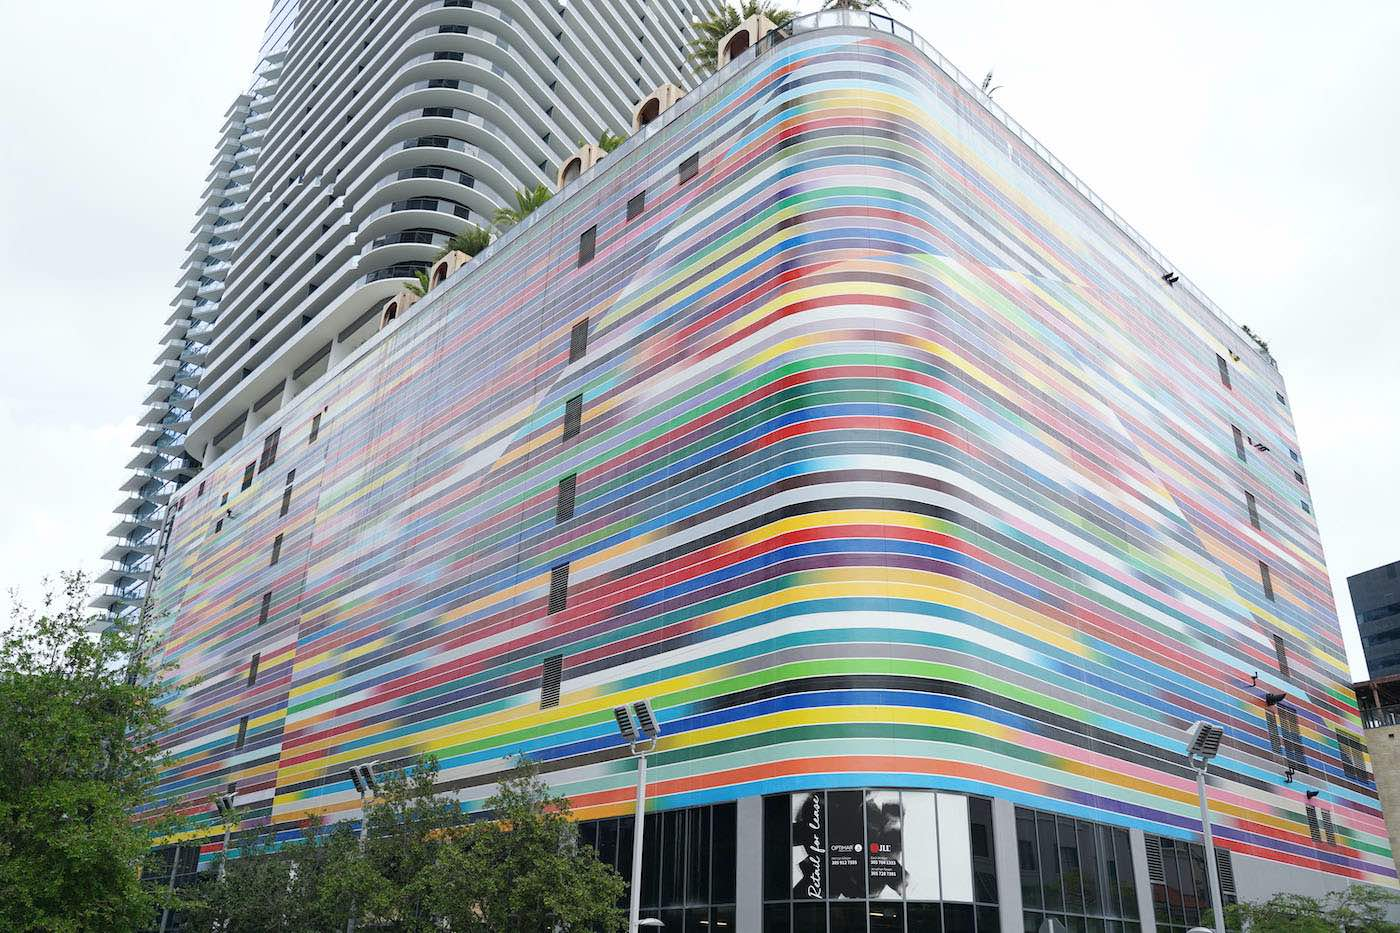 Hoteles de lujo en Miami con tarifas a partir de $109 para Black Friday